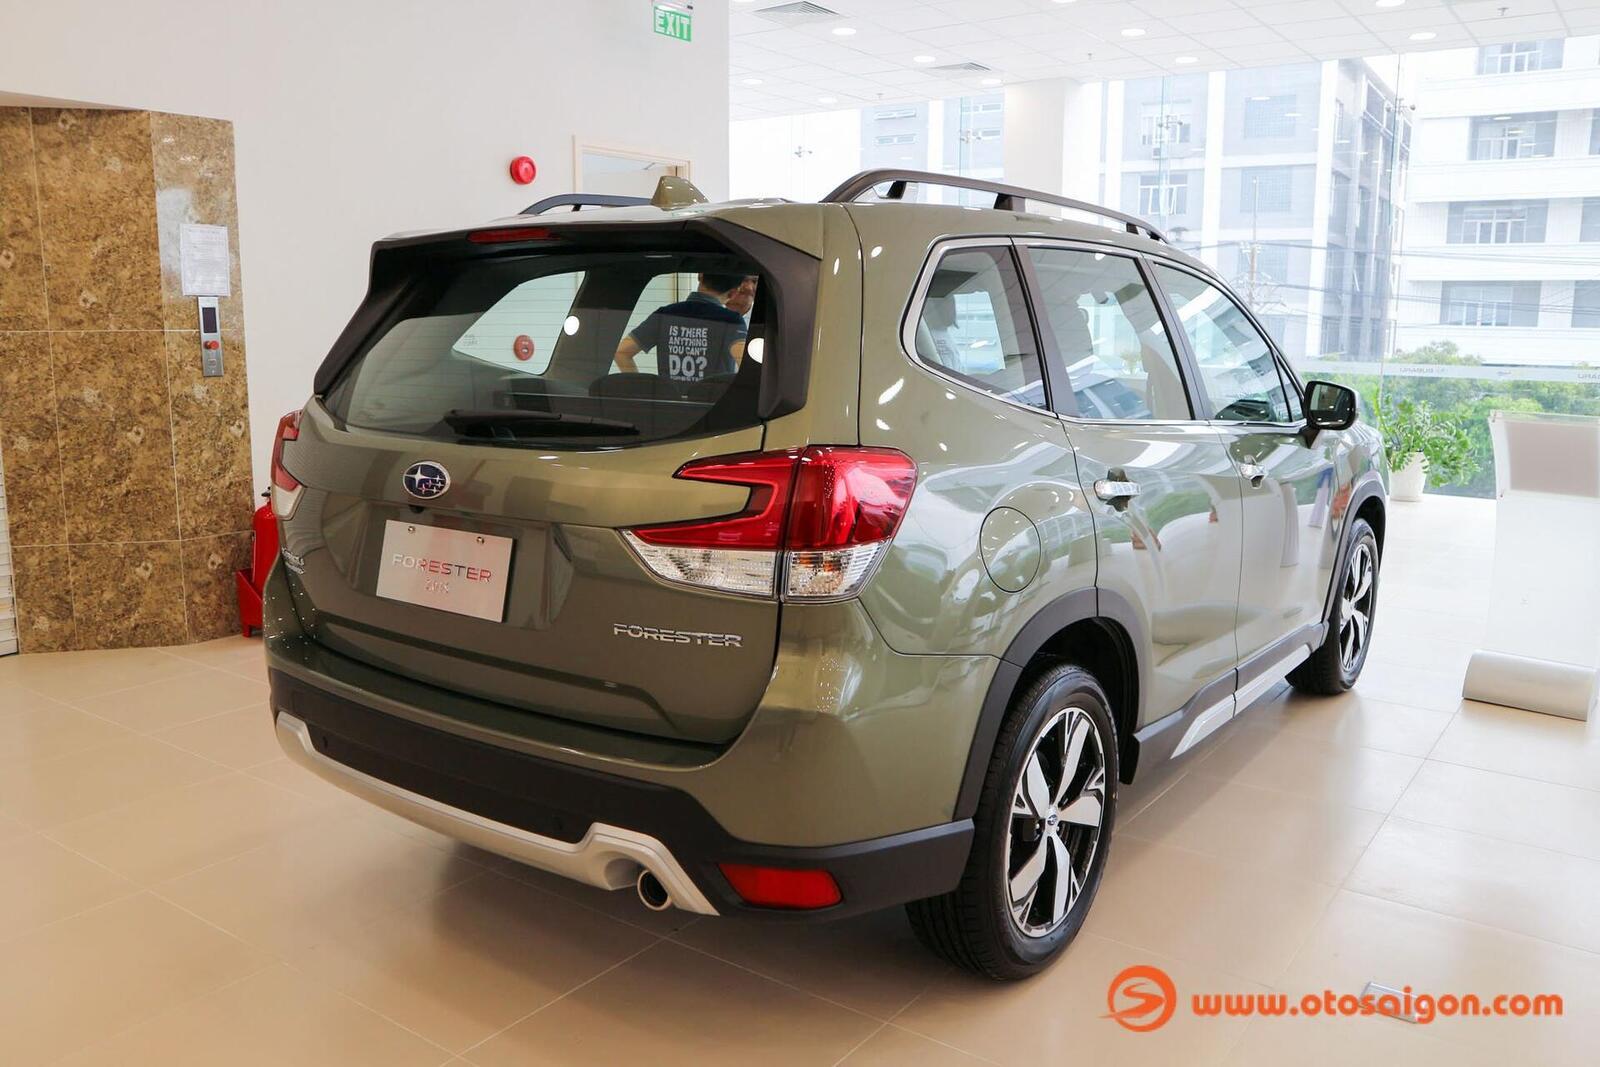 Cận cảnh Subaru Forester thế hệ mới nhập Thái sắp ra mắt tại Việt Nam | SUBARU - Hình 3